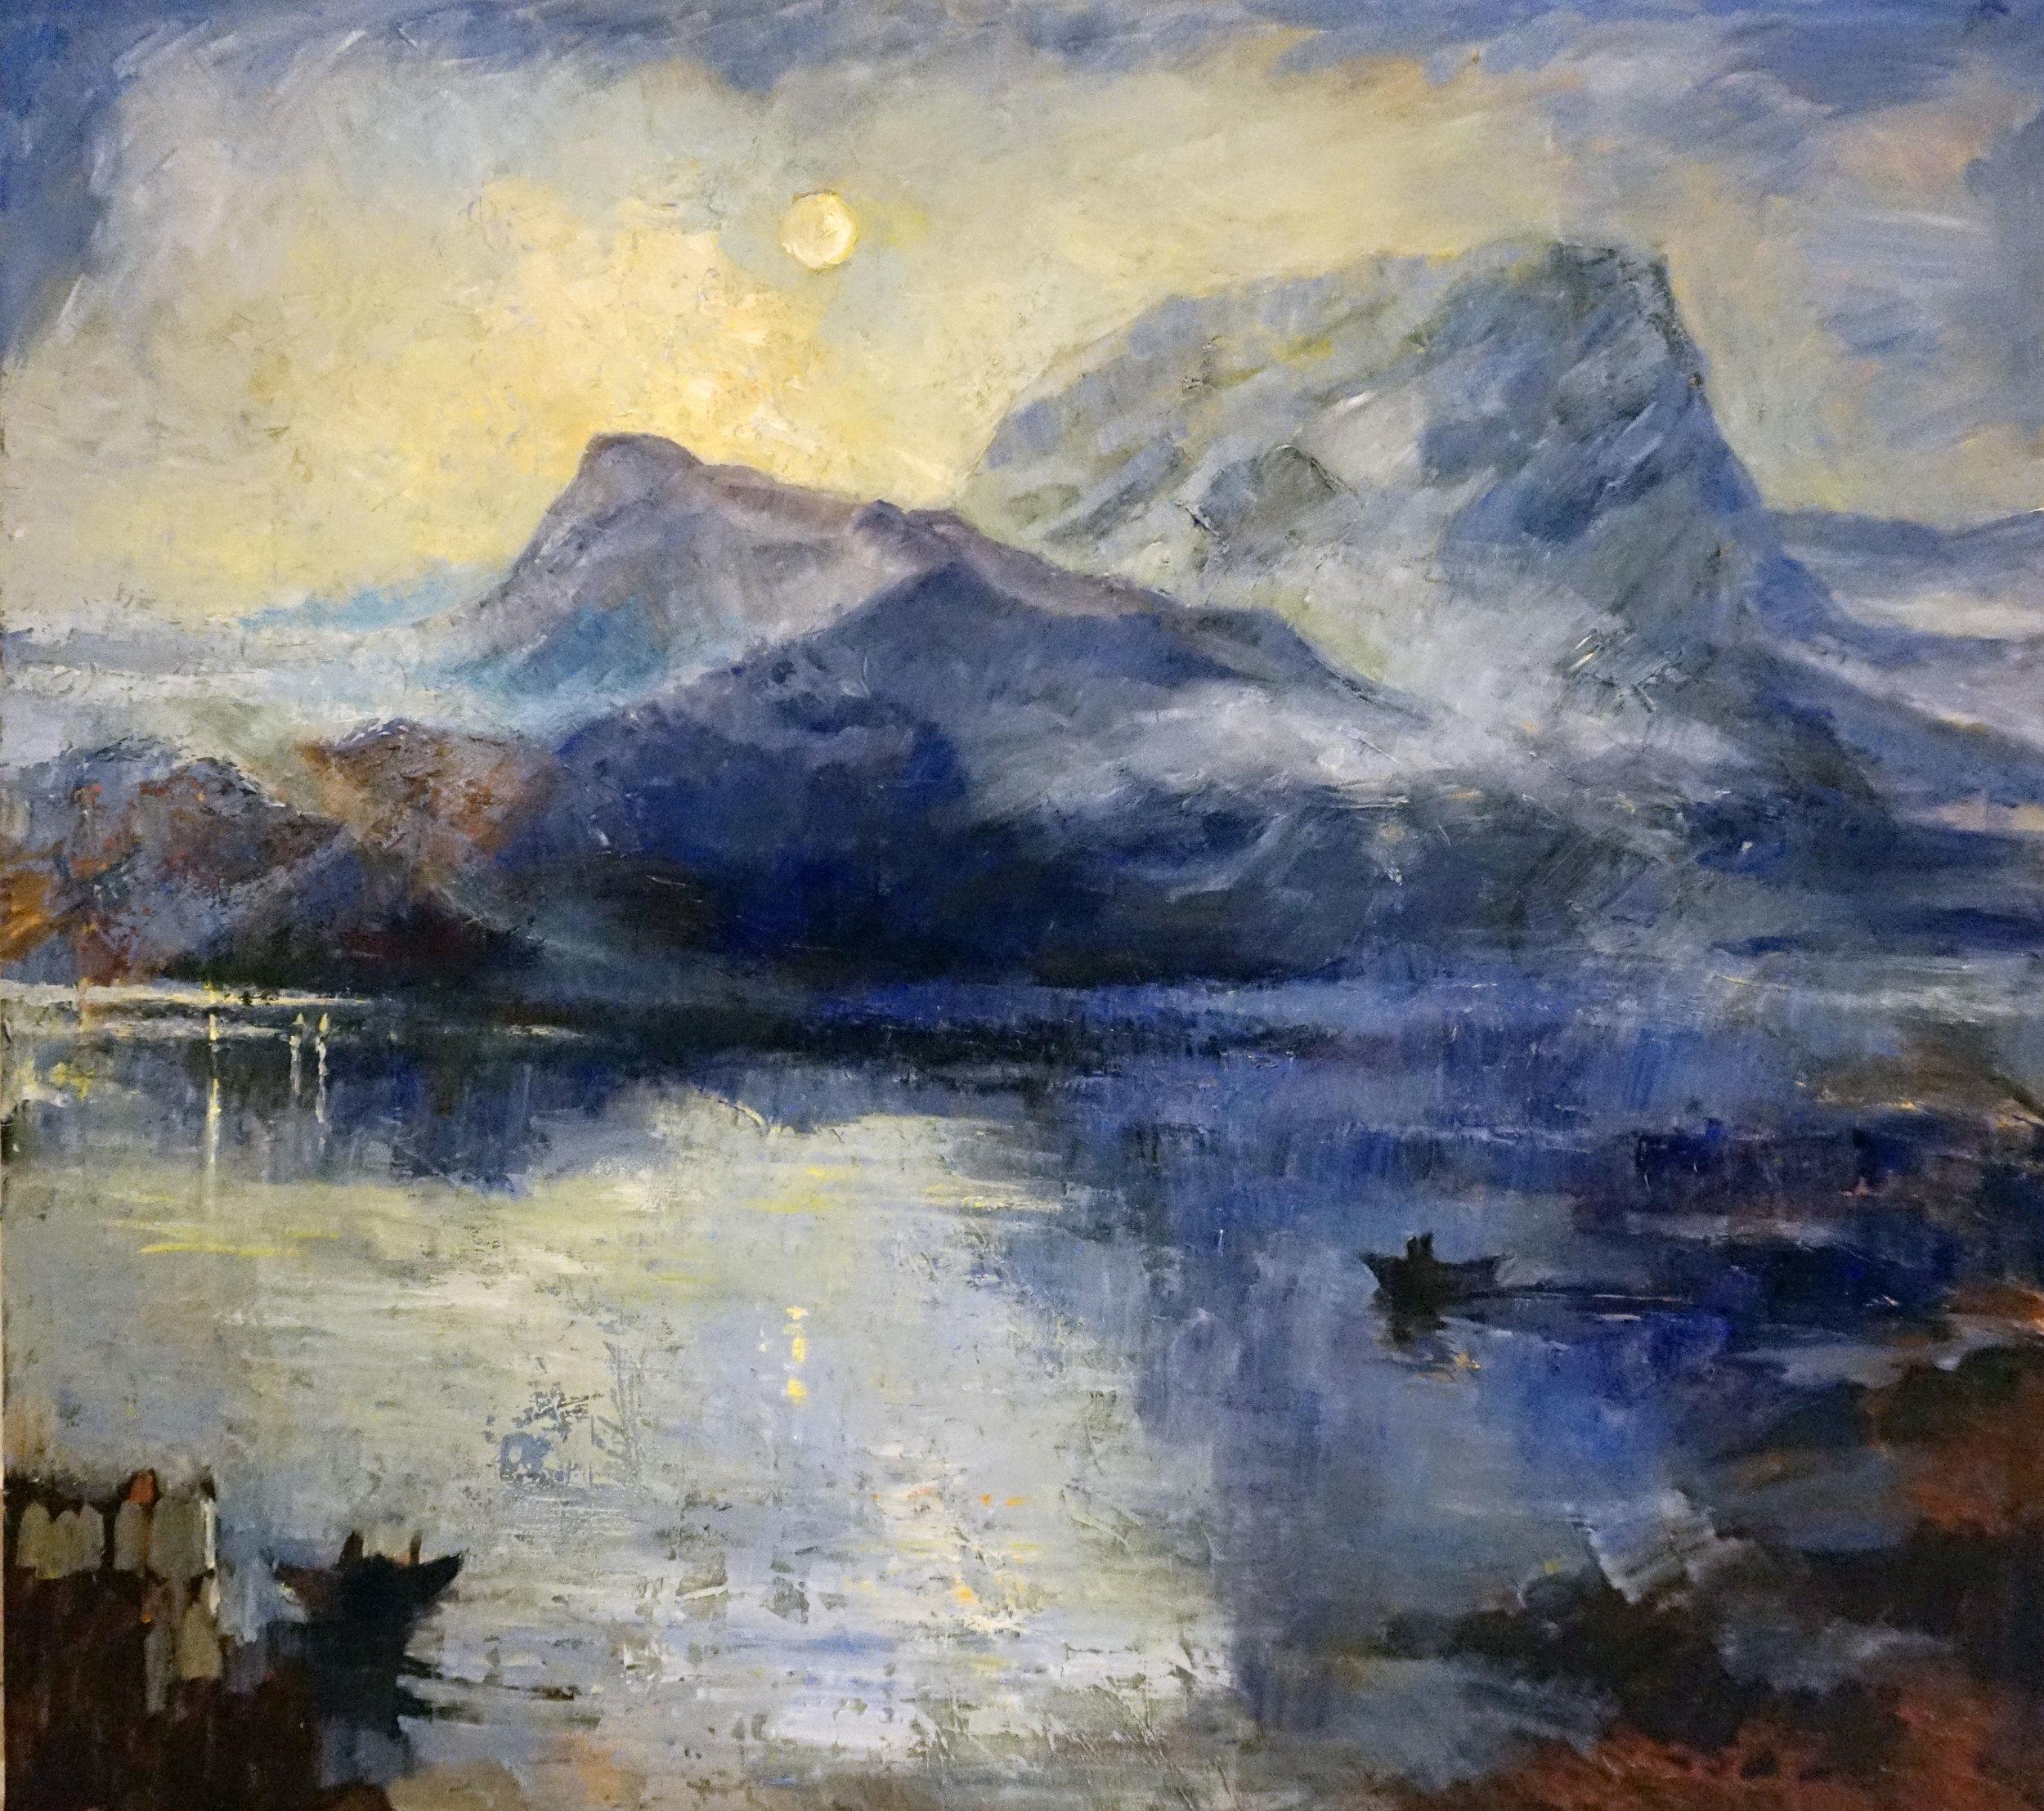 Dreams of the North